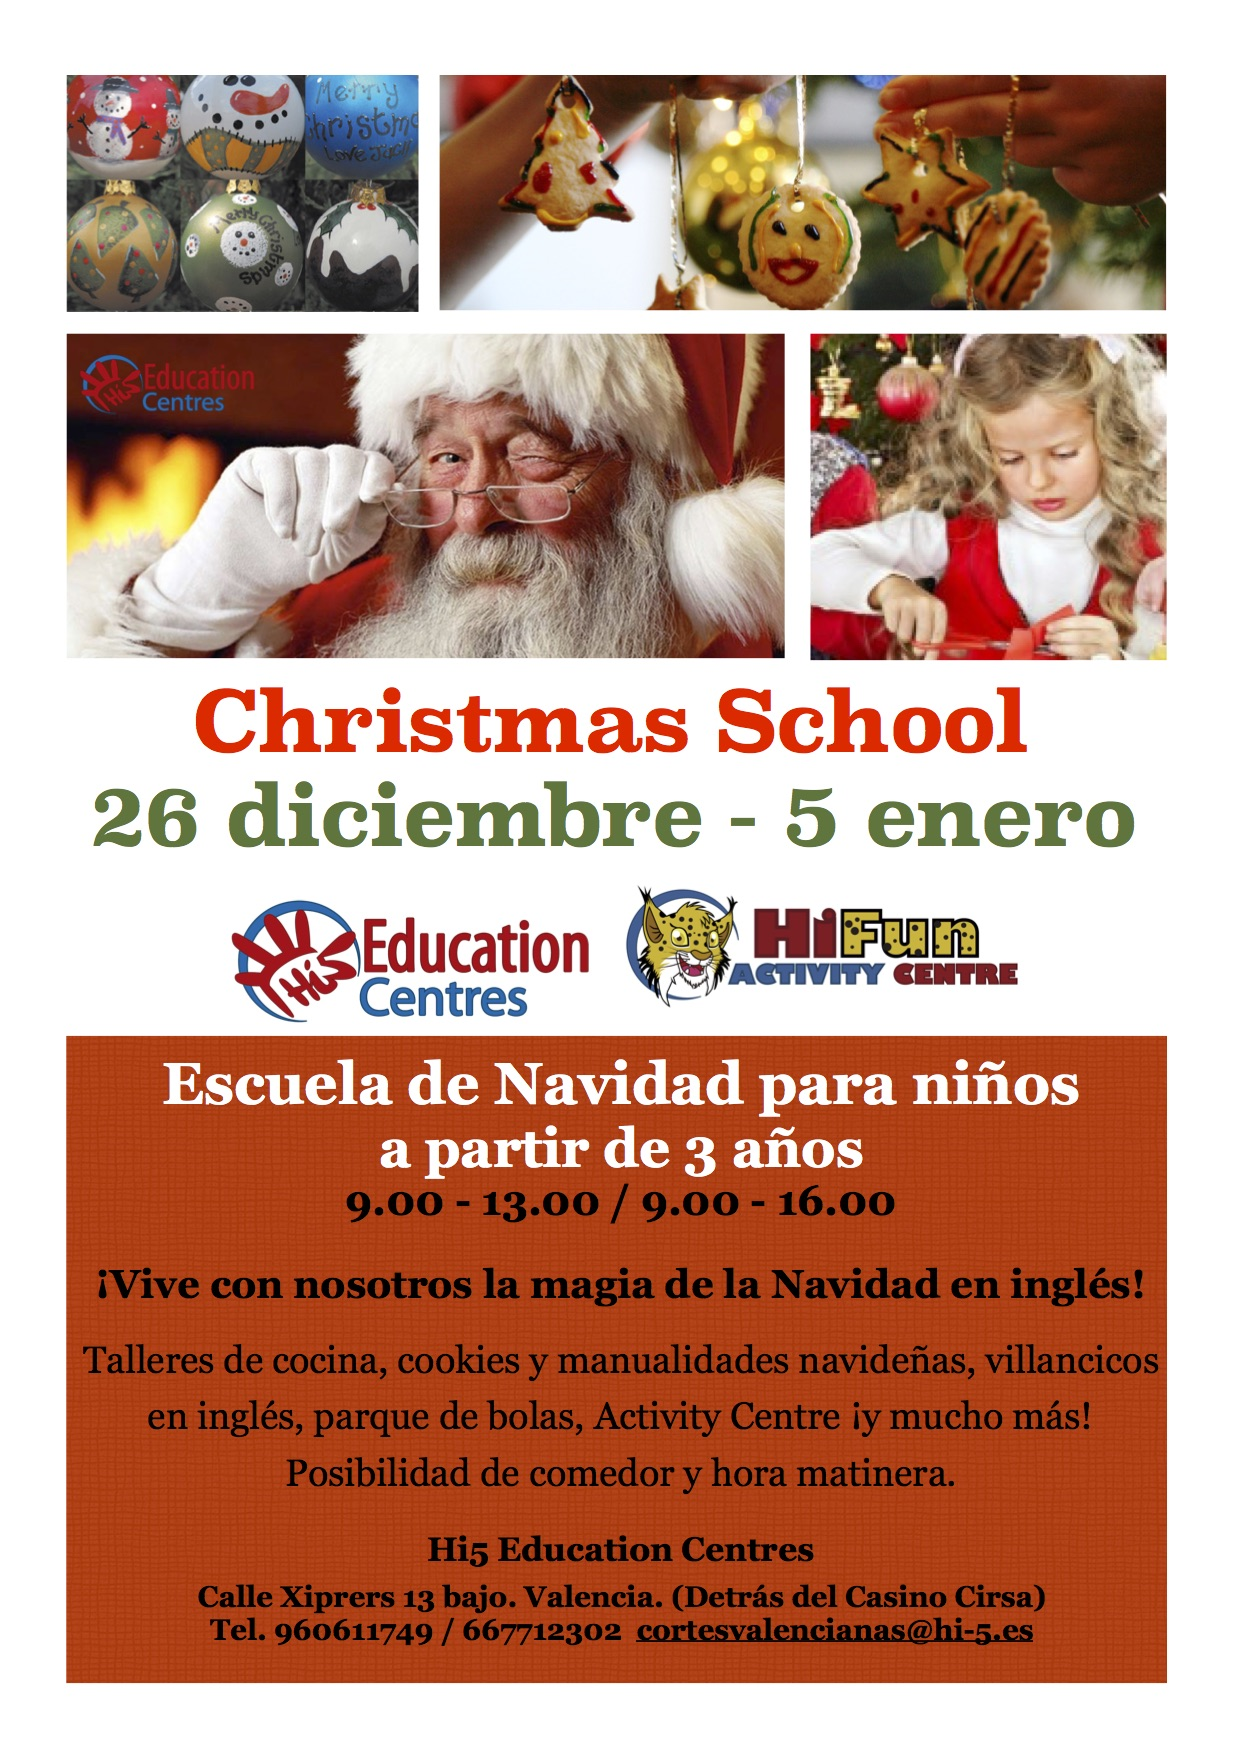 xmas-school-flyer-1-page-jpeg